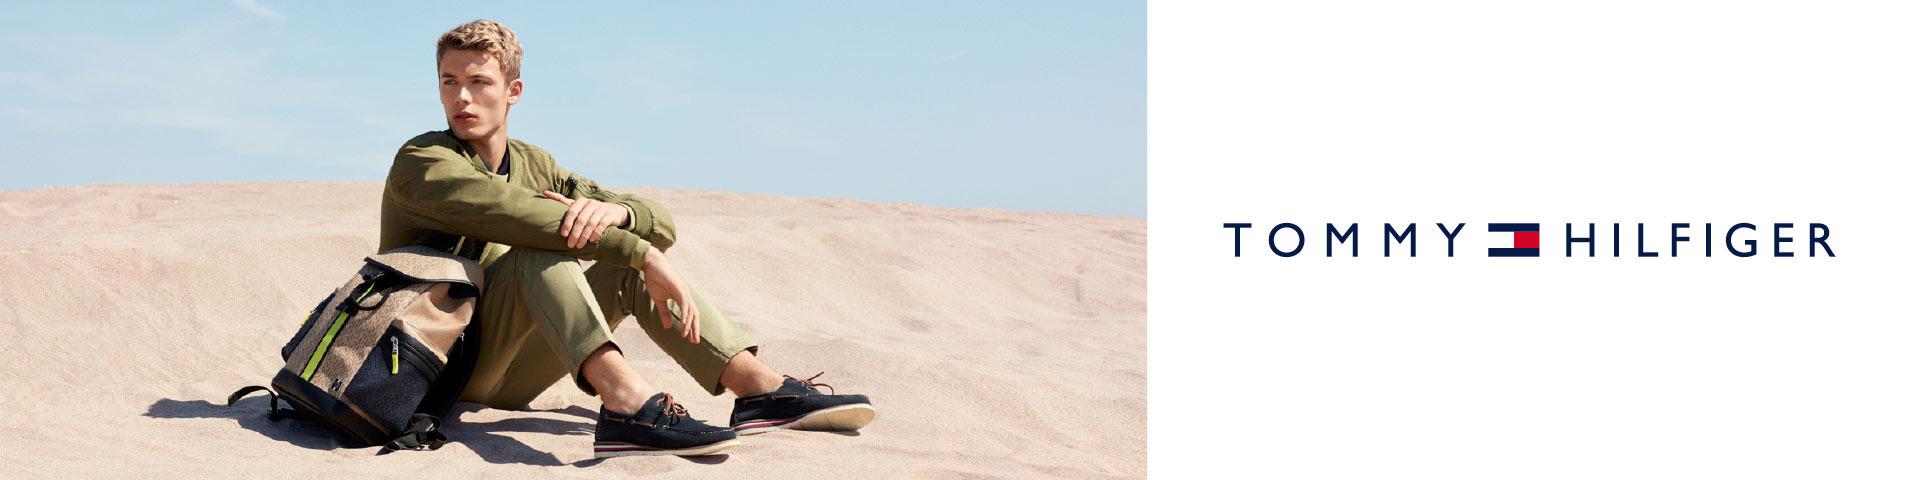 Borse & Accessori da uomo Tommy Hilfiger blu | Promo su Zalando